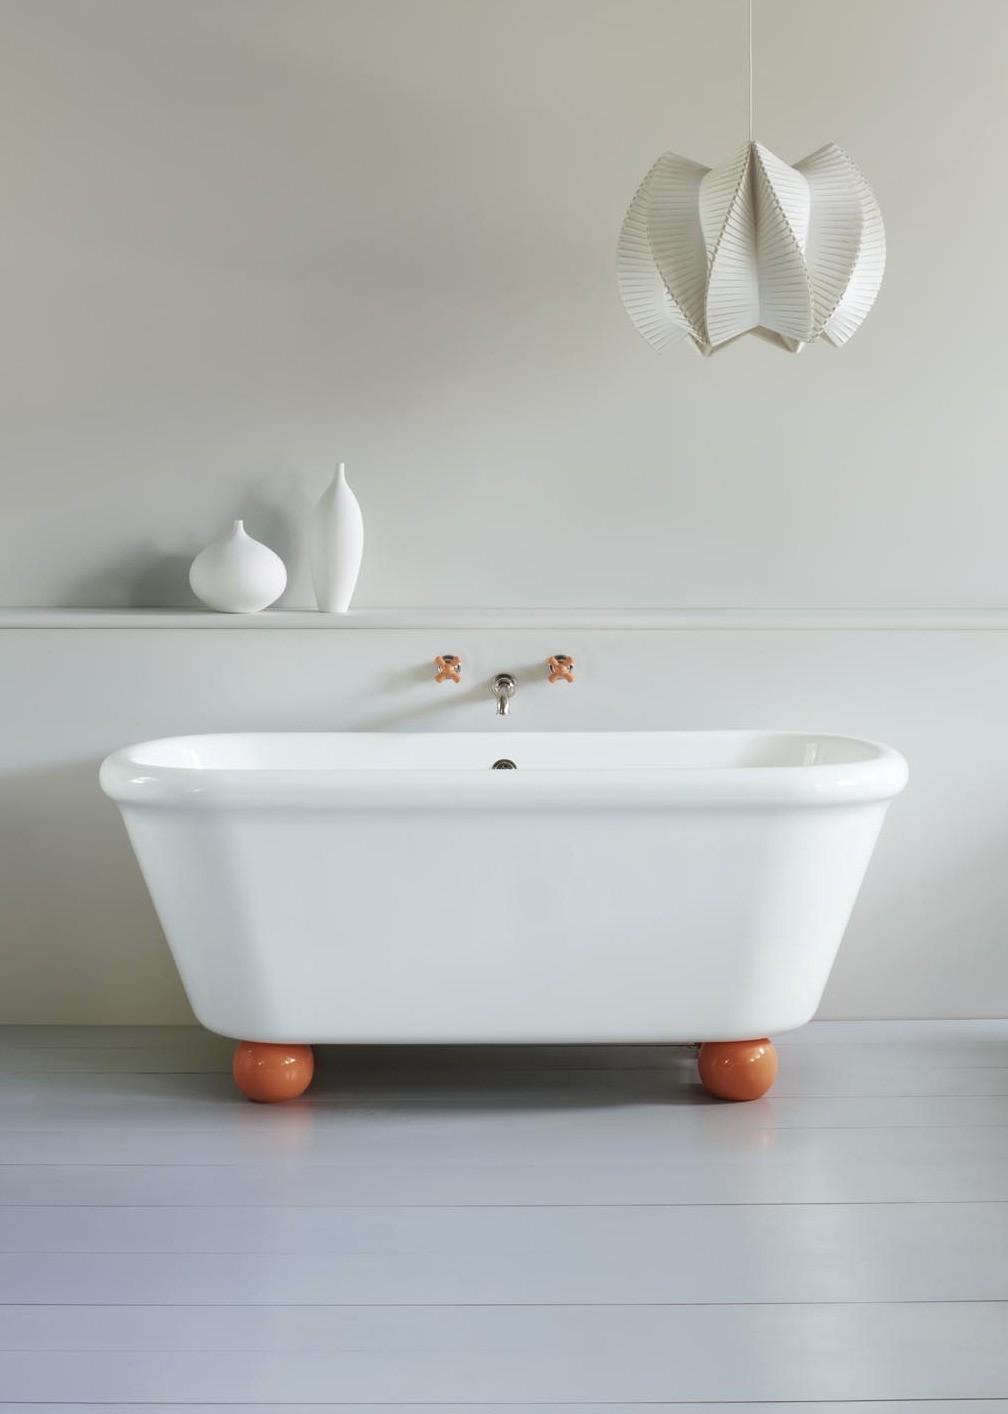 white freestanding bathtub with orange ball feet